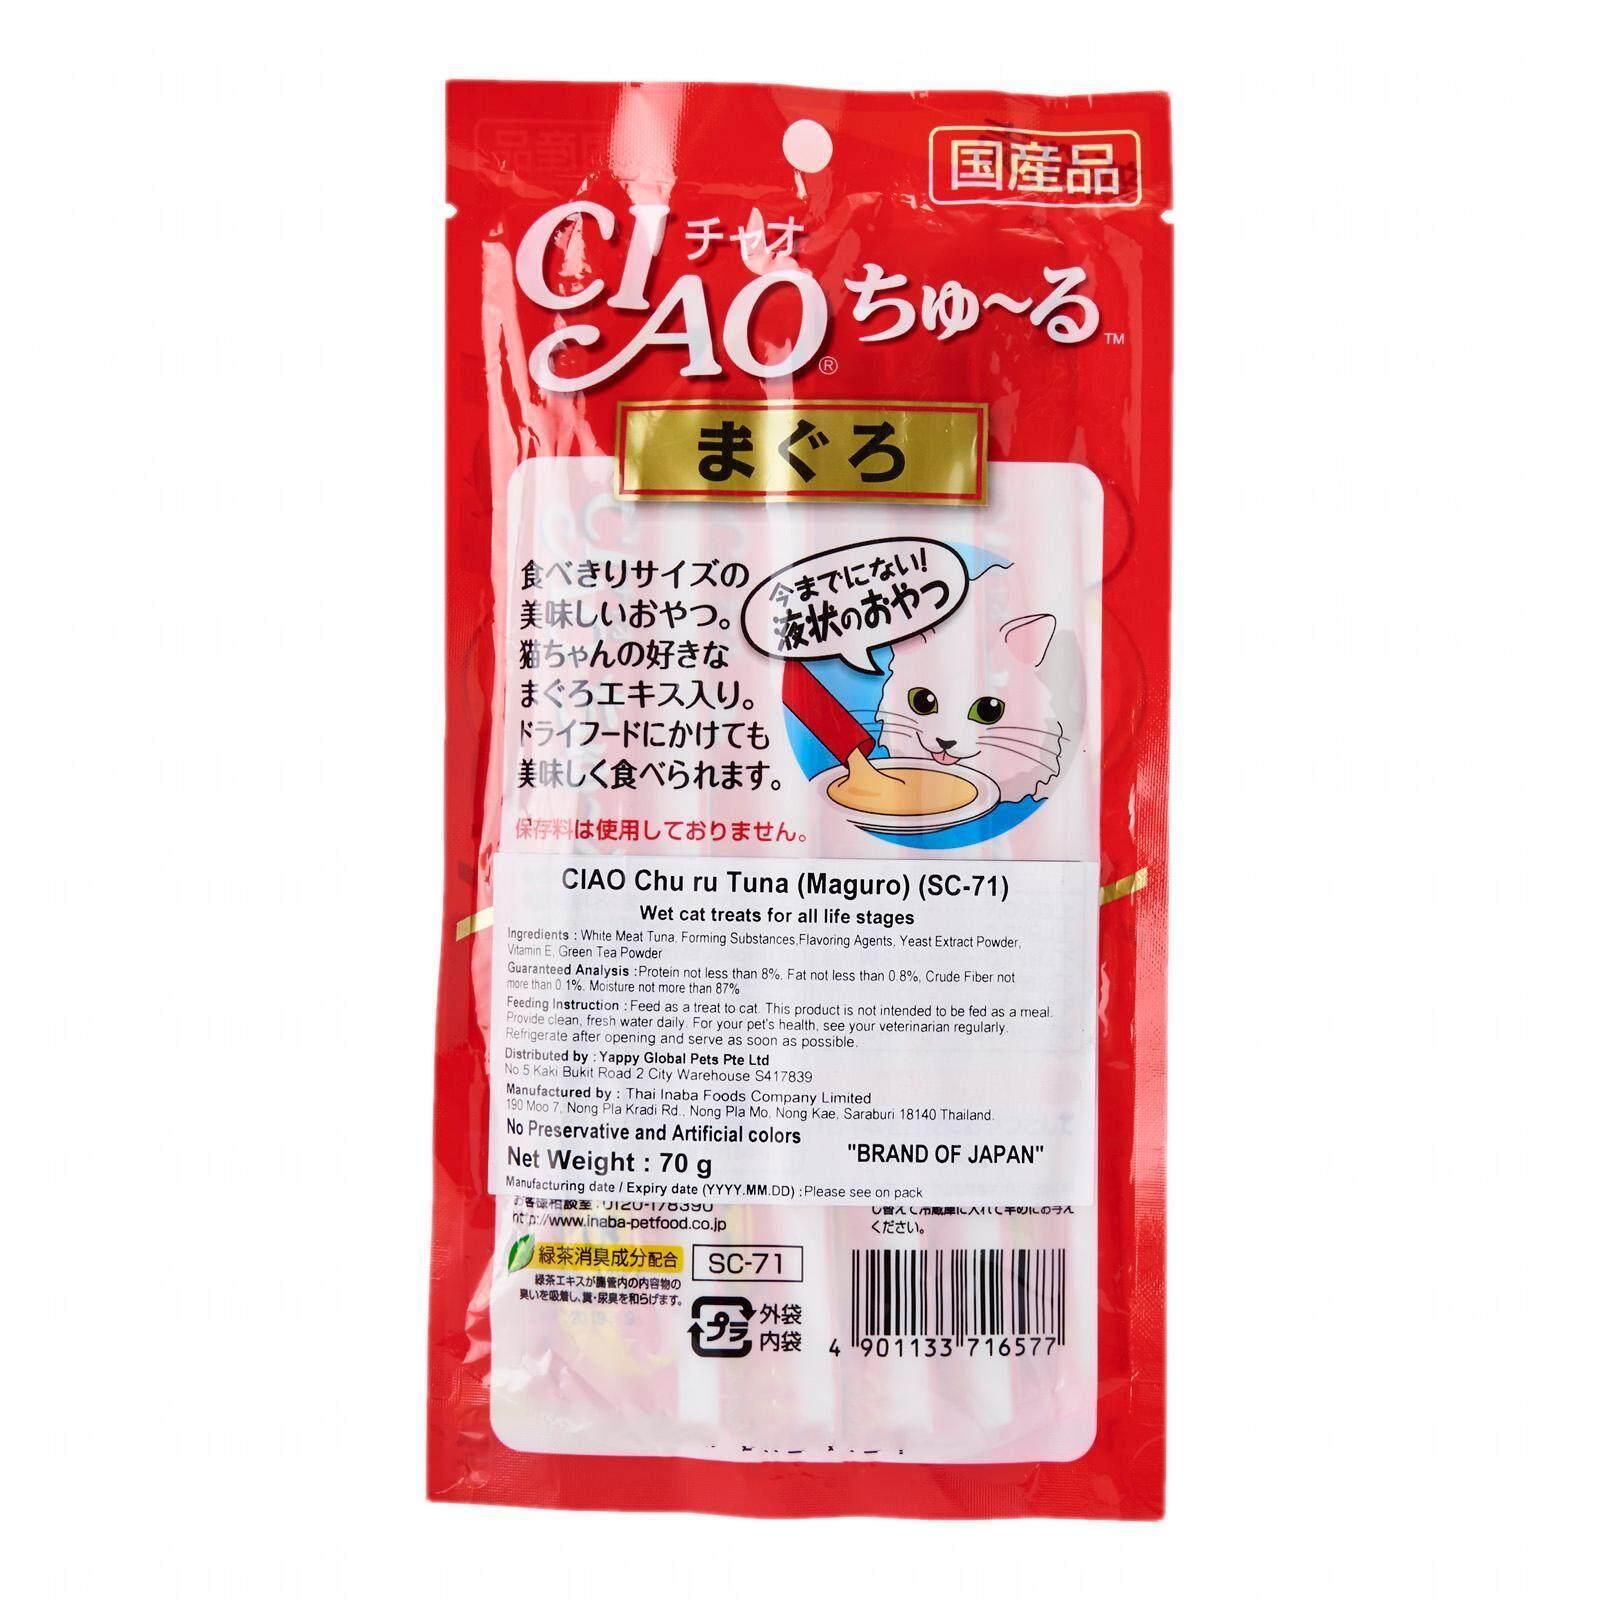 Ciao Chu Ru Tuna (Maguro) Cat Treat- 14g x 4 sticks (3xPack)